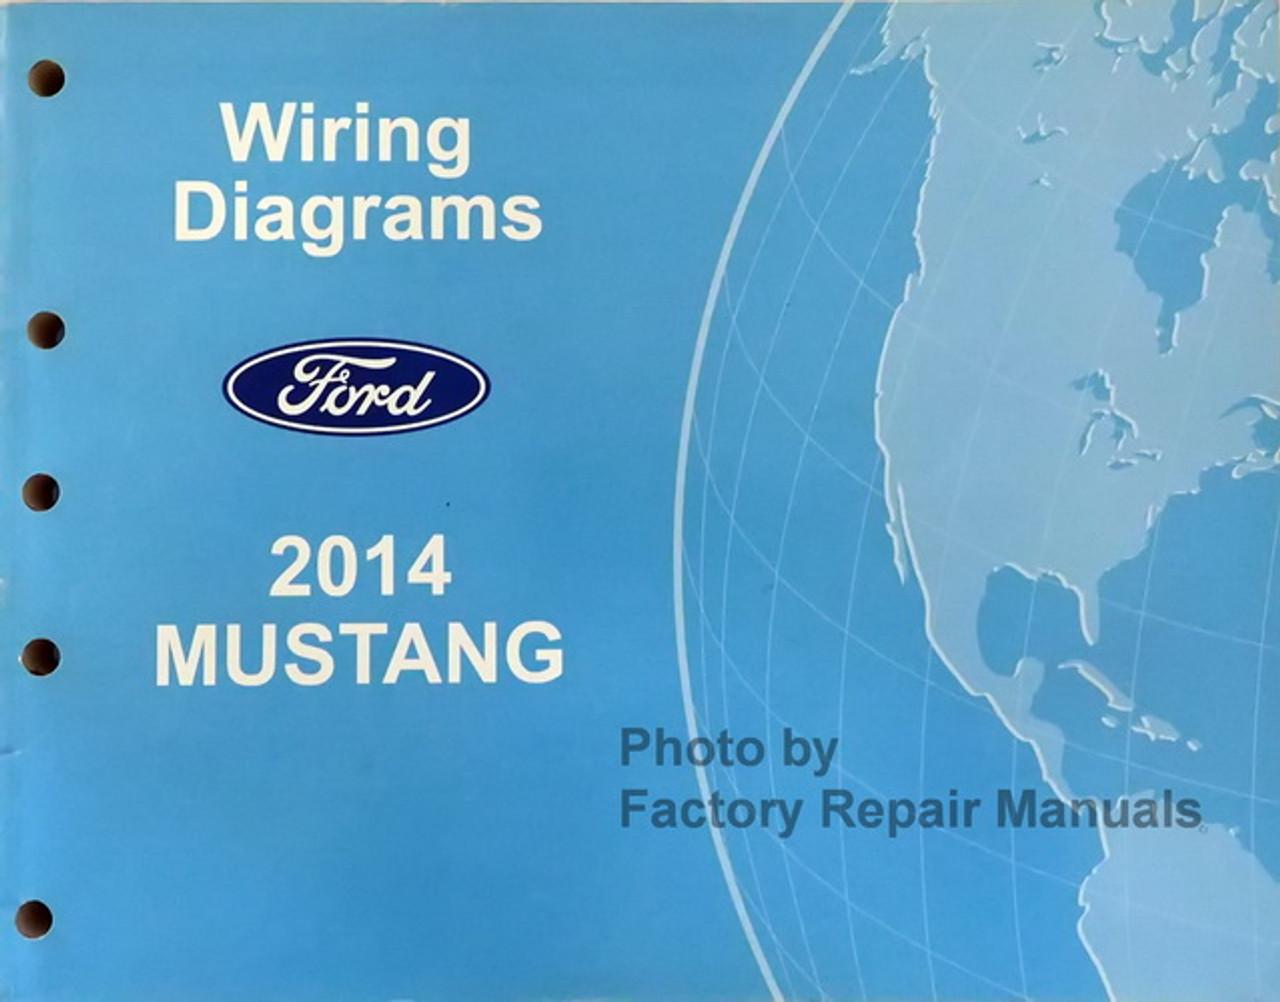 [SCHEMATICS_4UK]  2014 Ford Mustang Electrical Wiring Diagrams Manual Original - Factory  Repair Manuals | 2013 Ford Mustang Wiring Diagram |  | Factory Repair Manuals